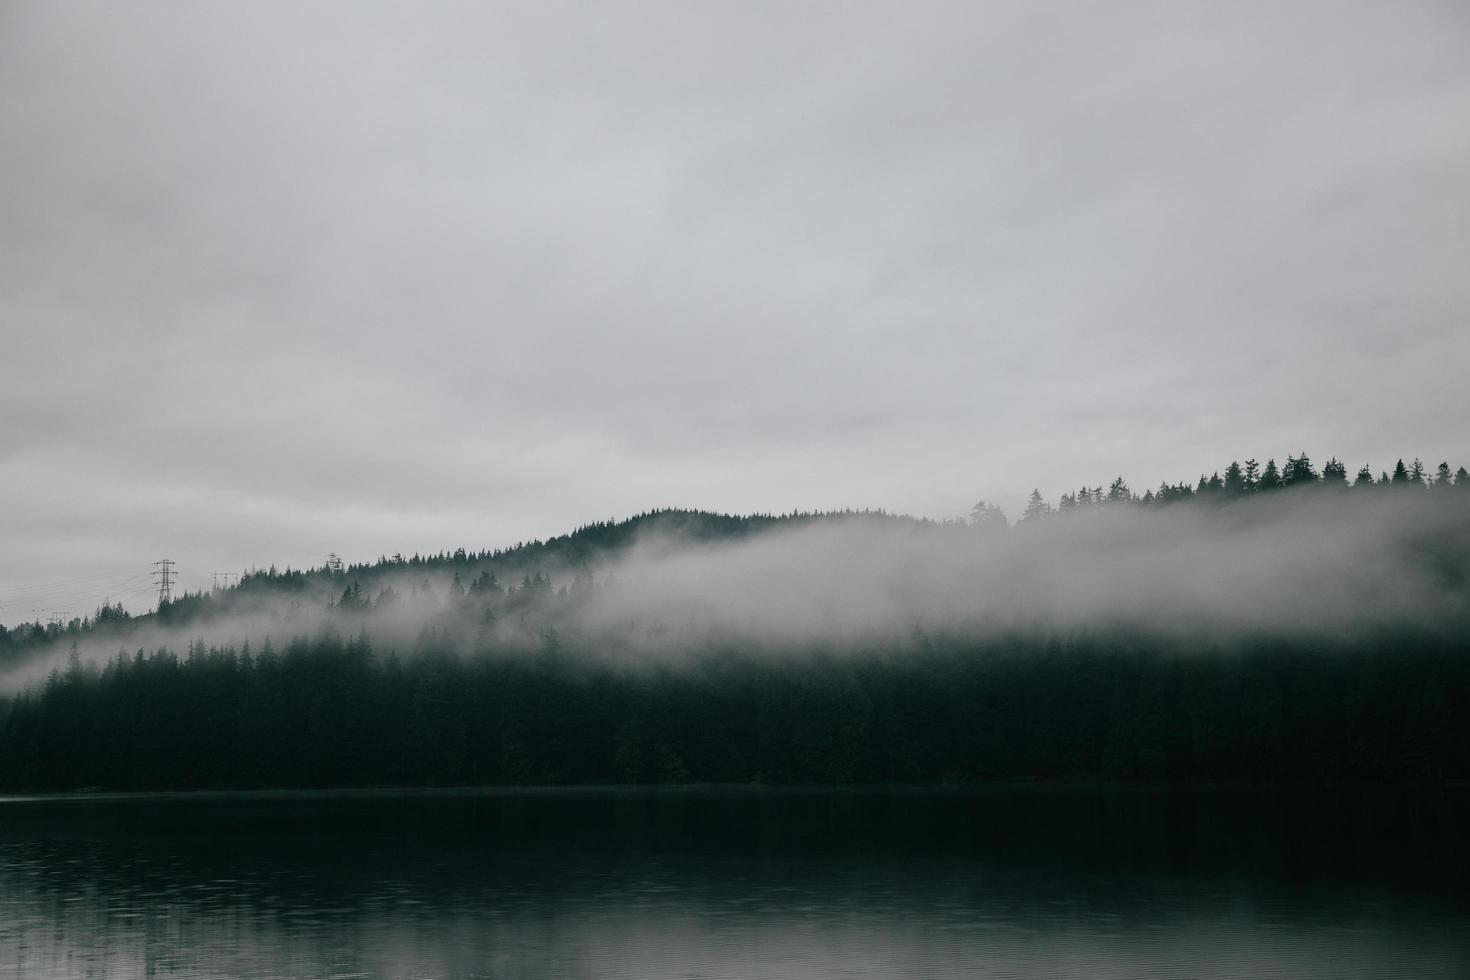 plan d'eau sous un ciel brumeux blanc photo